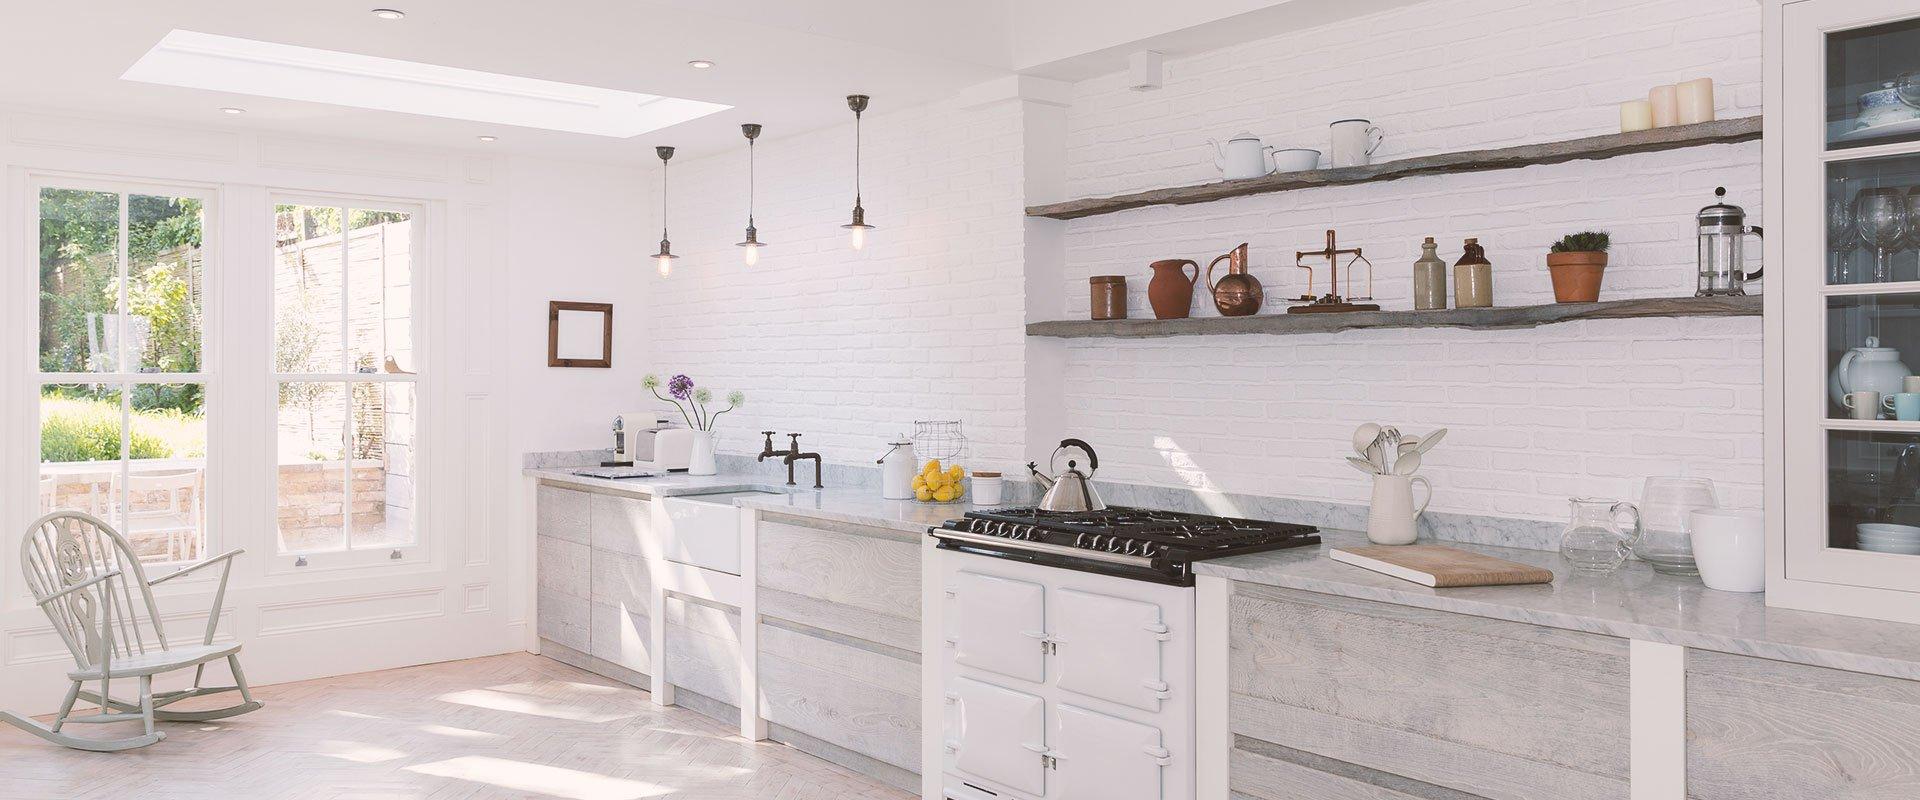 Installed kitchen